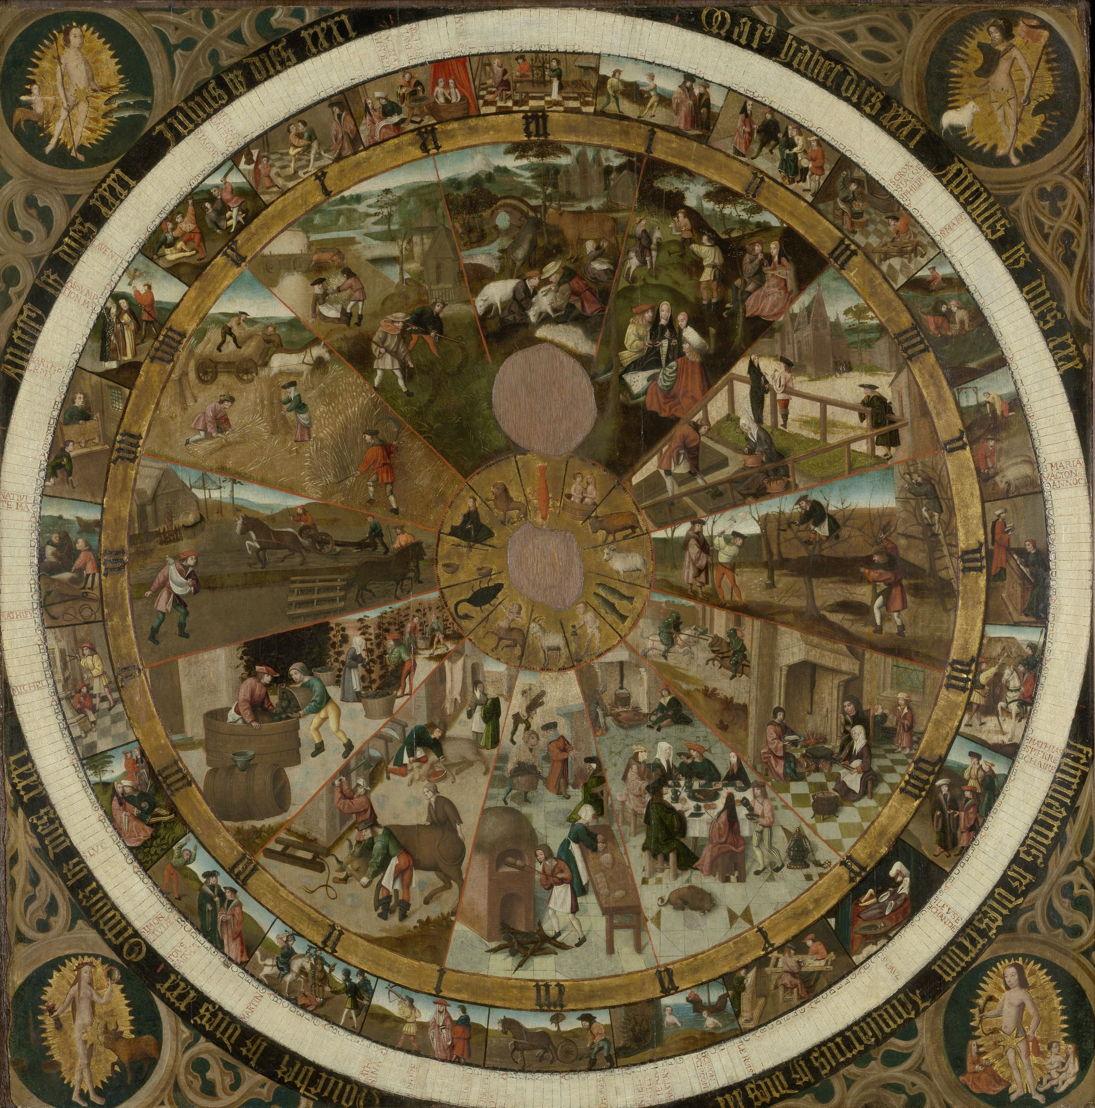 Kalenderwijzerplaat, Zuidelijke Nederlanden, c. 1500 © Lukas - Art in Flanders, foto Dominique Provost